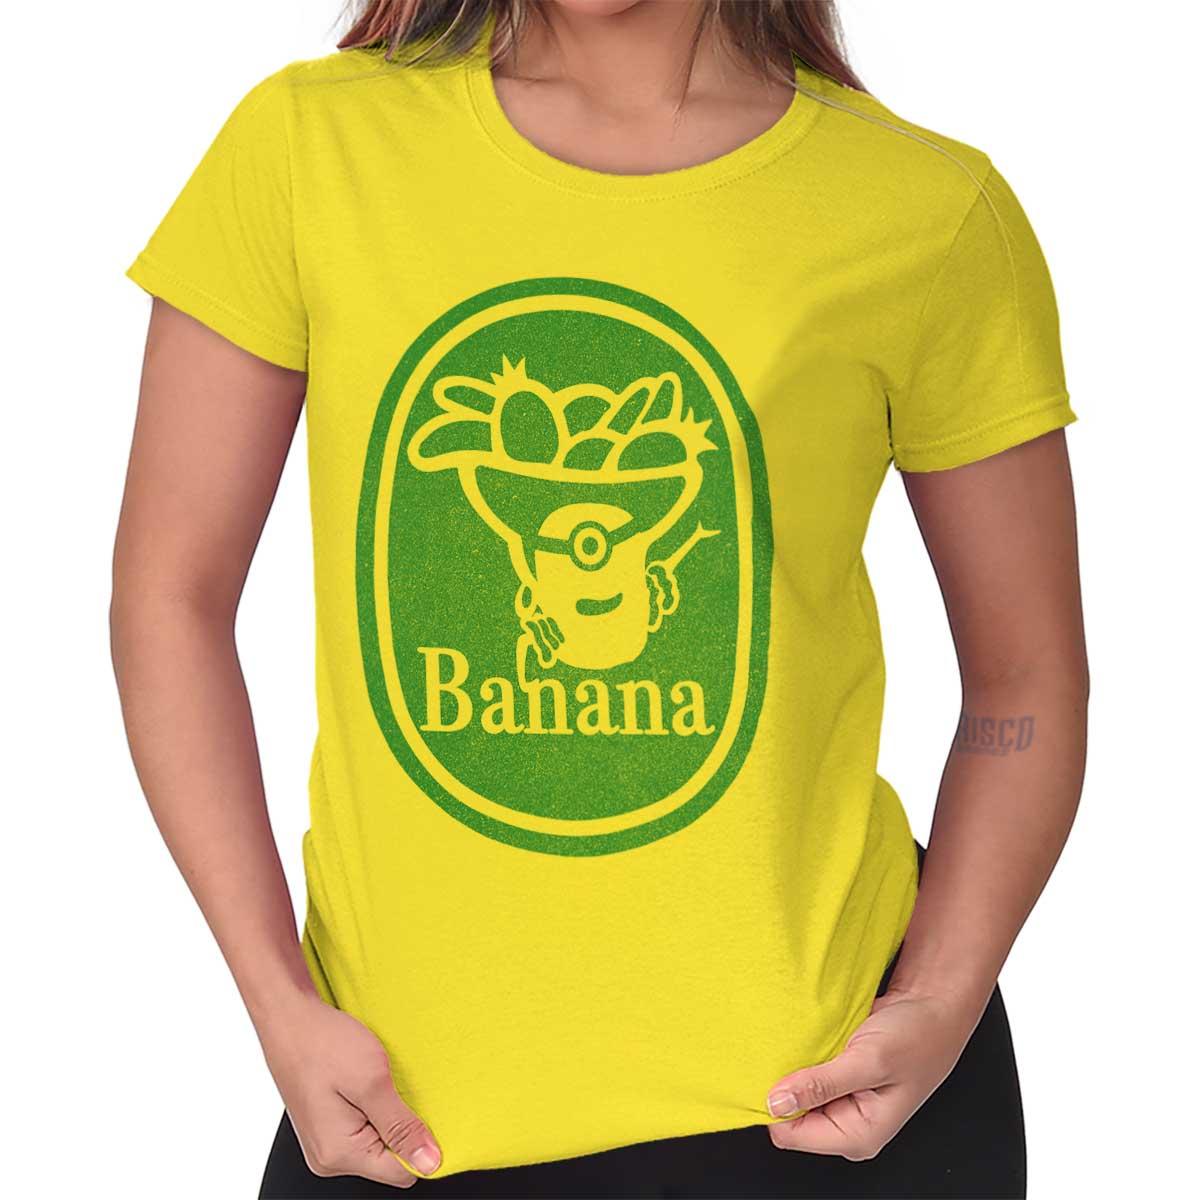 Banana Movie Funny Cartoon Novelty Graphic Tee Shirts Tshirts For